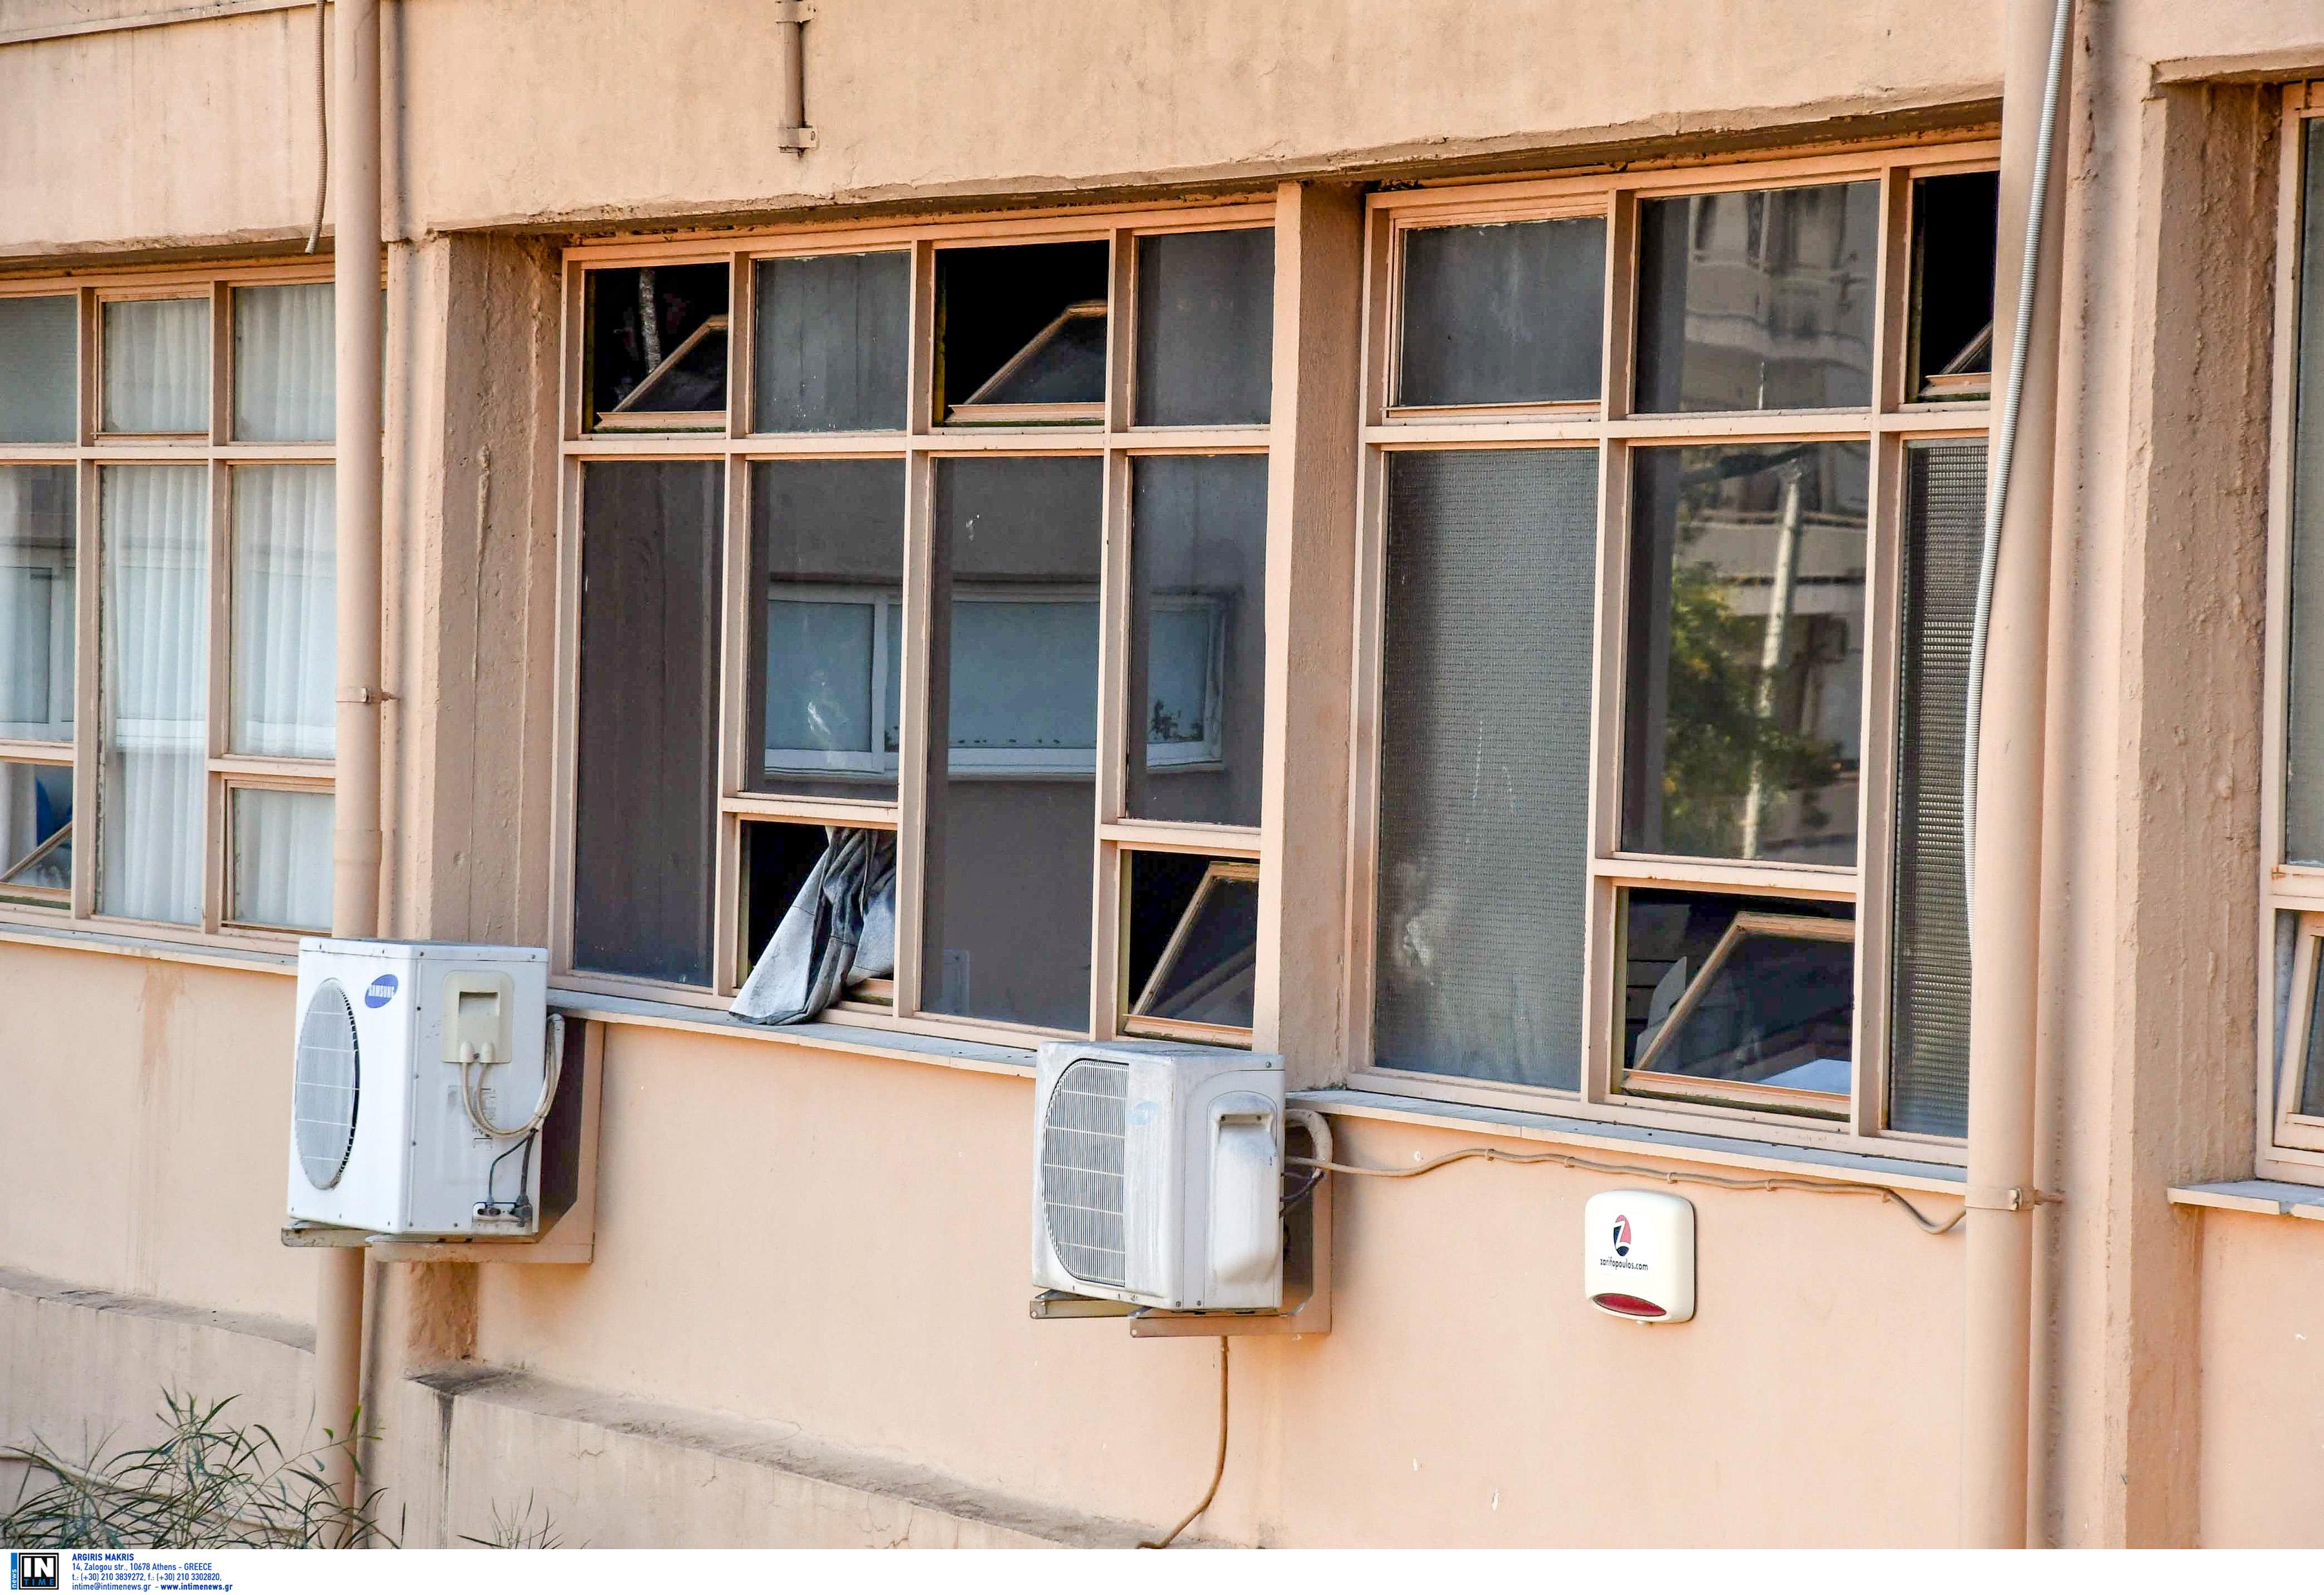 Χανιά: Ακατάλληλο και κλείνει λόγω σεισμού το Γενικό Λύκειο και το ΕΠΑΛ Κισσάμου